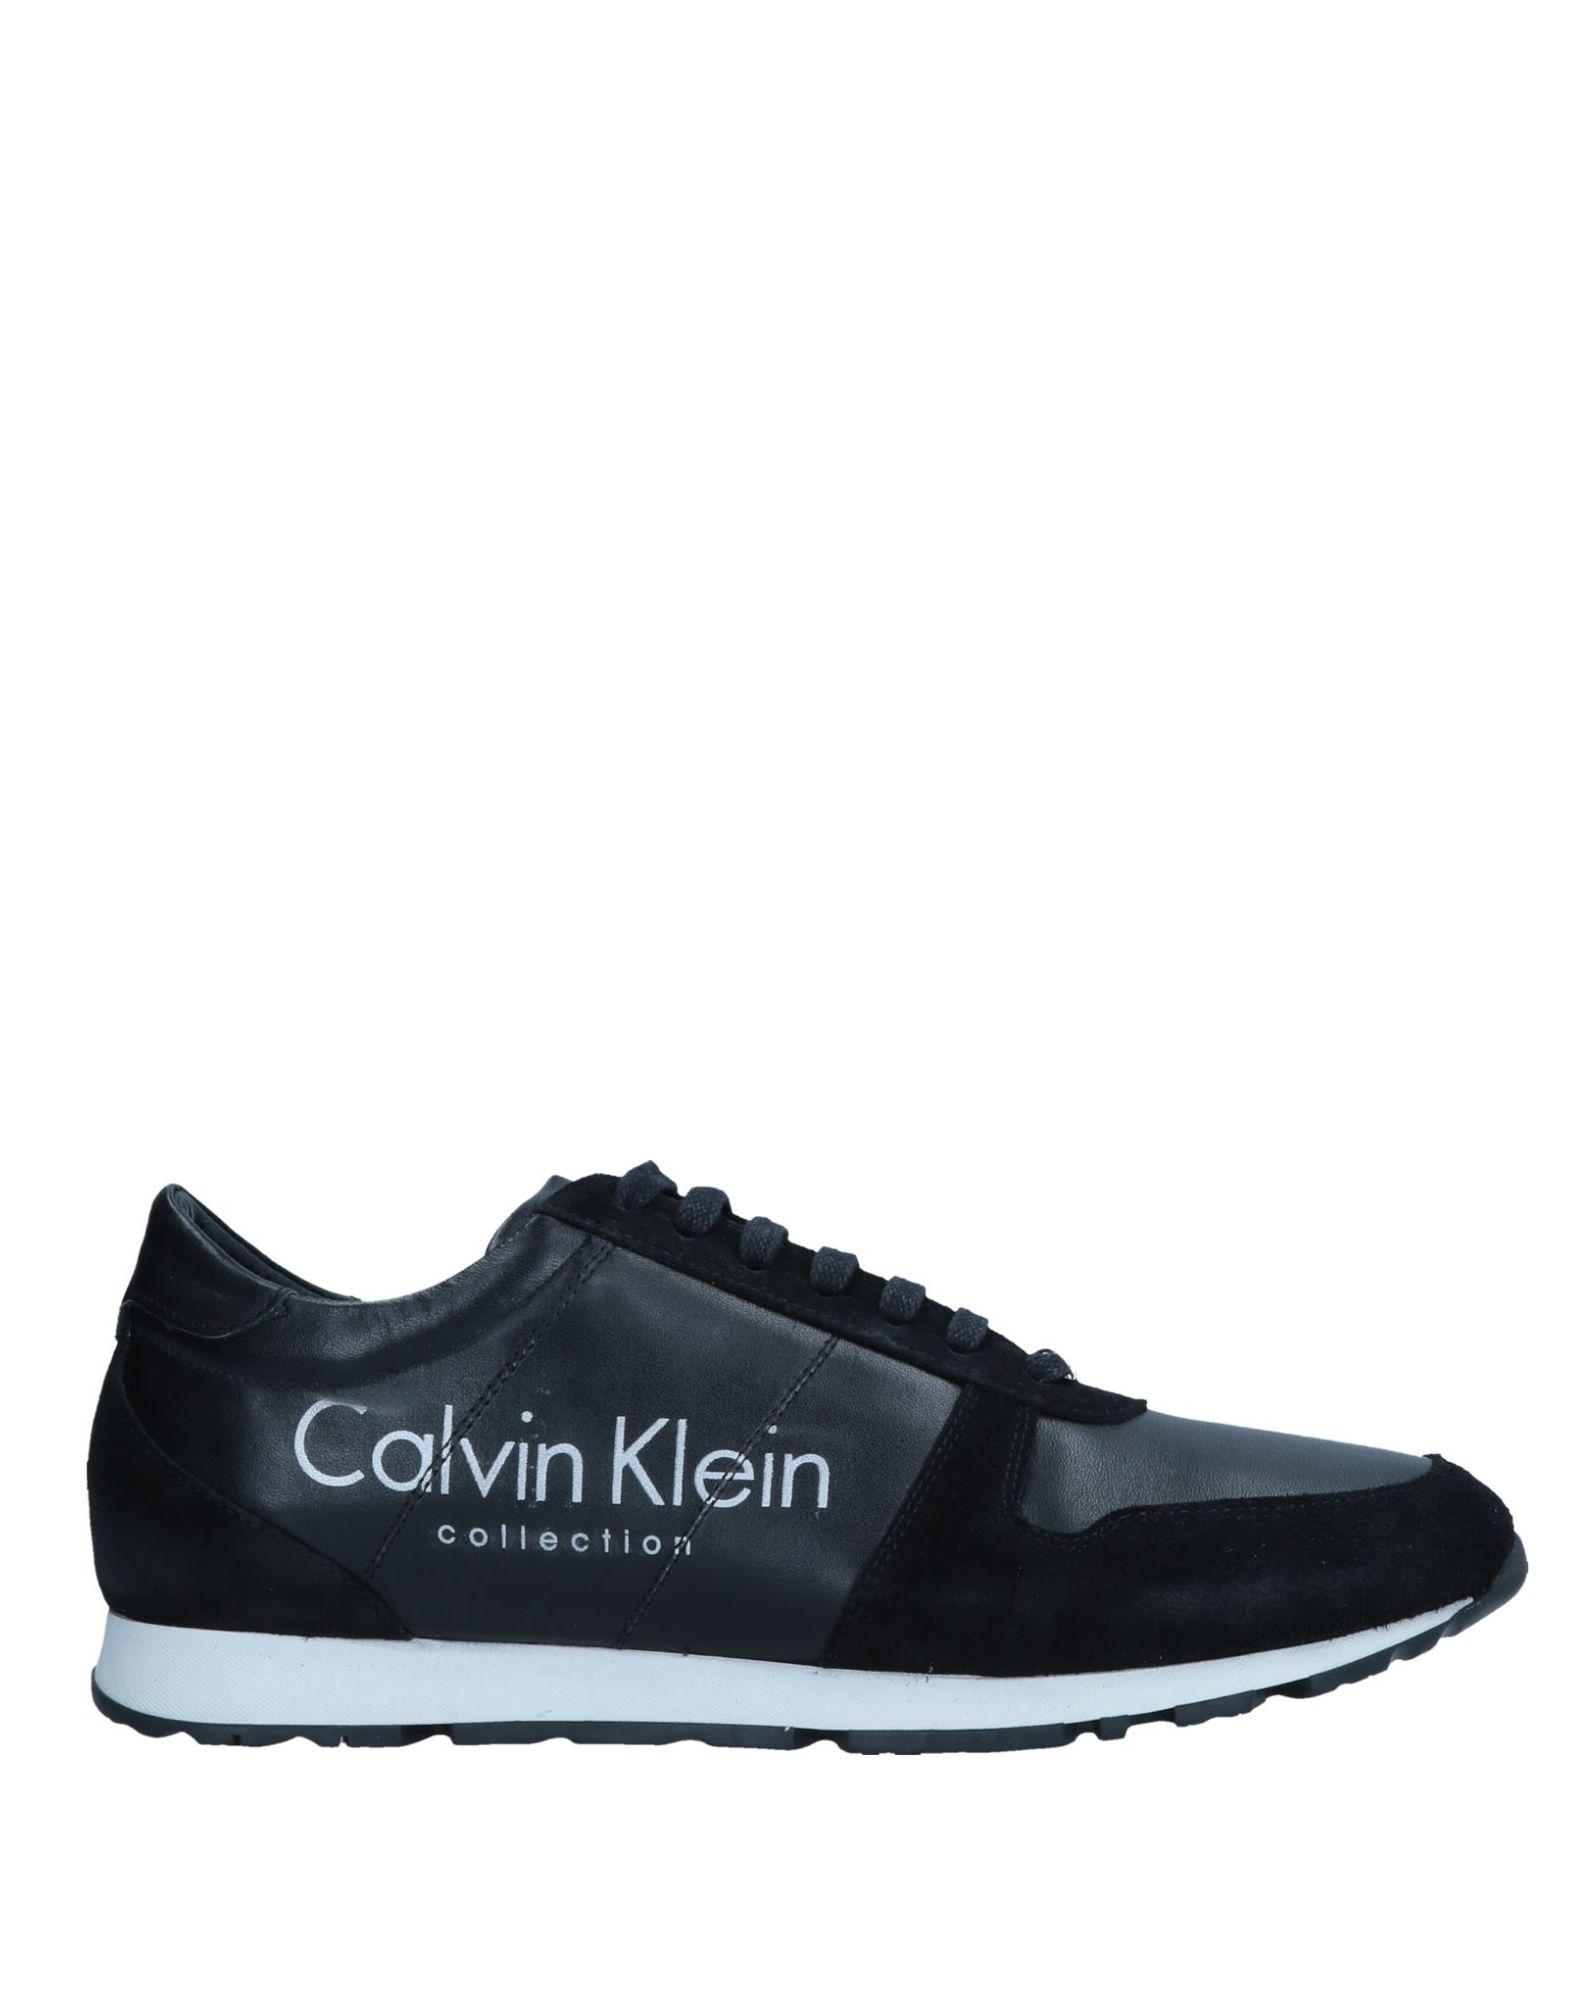 CALVIN KLEIN COLLECTION Низкие кеды и кроссовки кроссовки calvin klein collection кроссовки